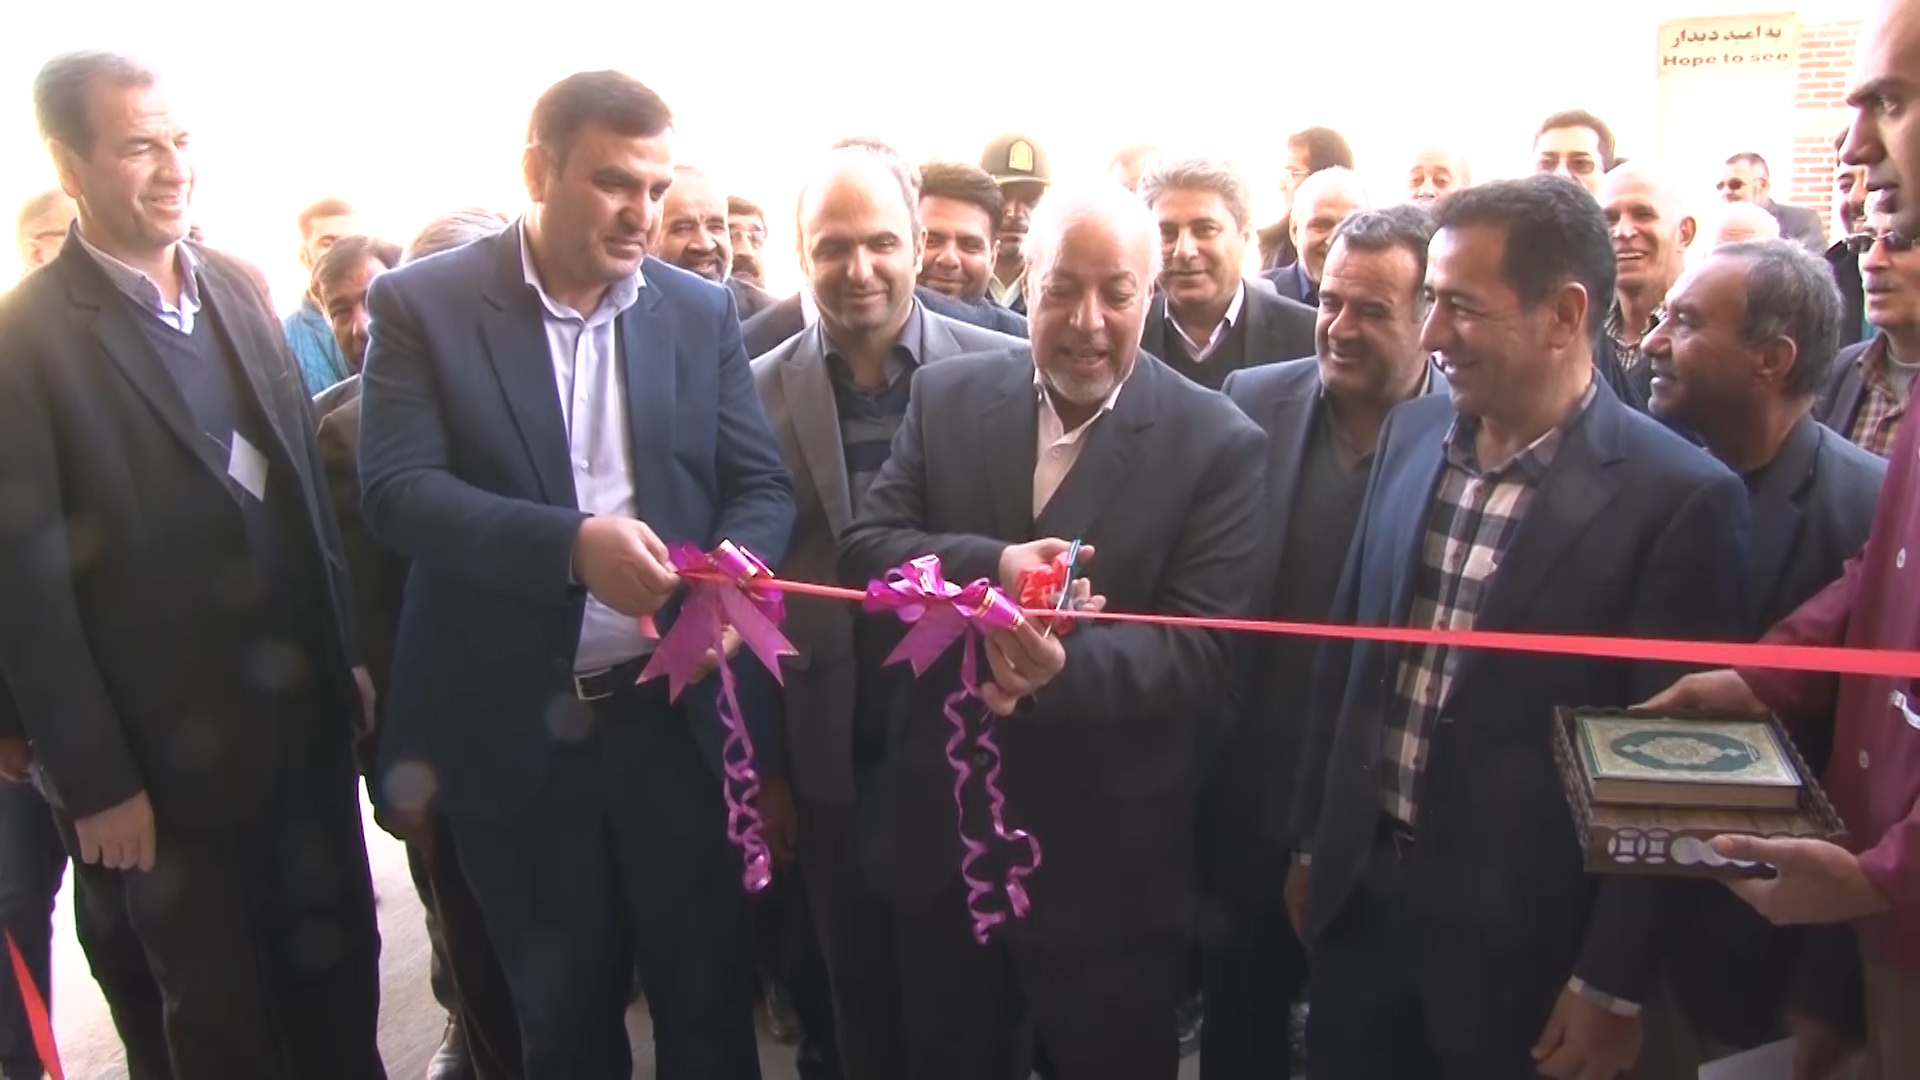 افتتاح ۱۱۰ میلیارد پروژه در نجف آباد به مناسبت دهه فجر افتتاح 110 میلیارد پروژه در نجف آباد به مناسبت دهه فجر افتتاح 110 میلیارد پروژه در نجف آباد به مناسبت دهه فجر